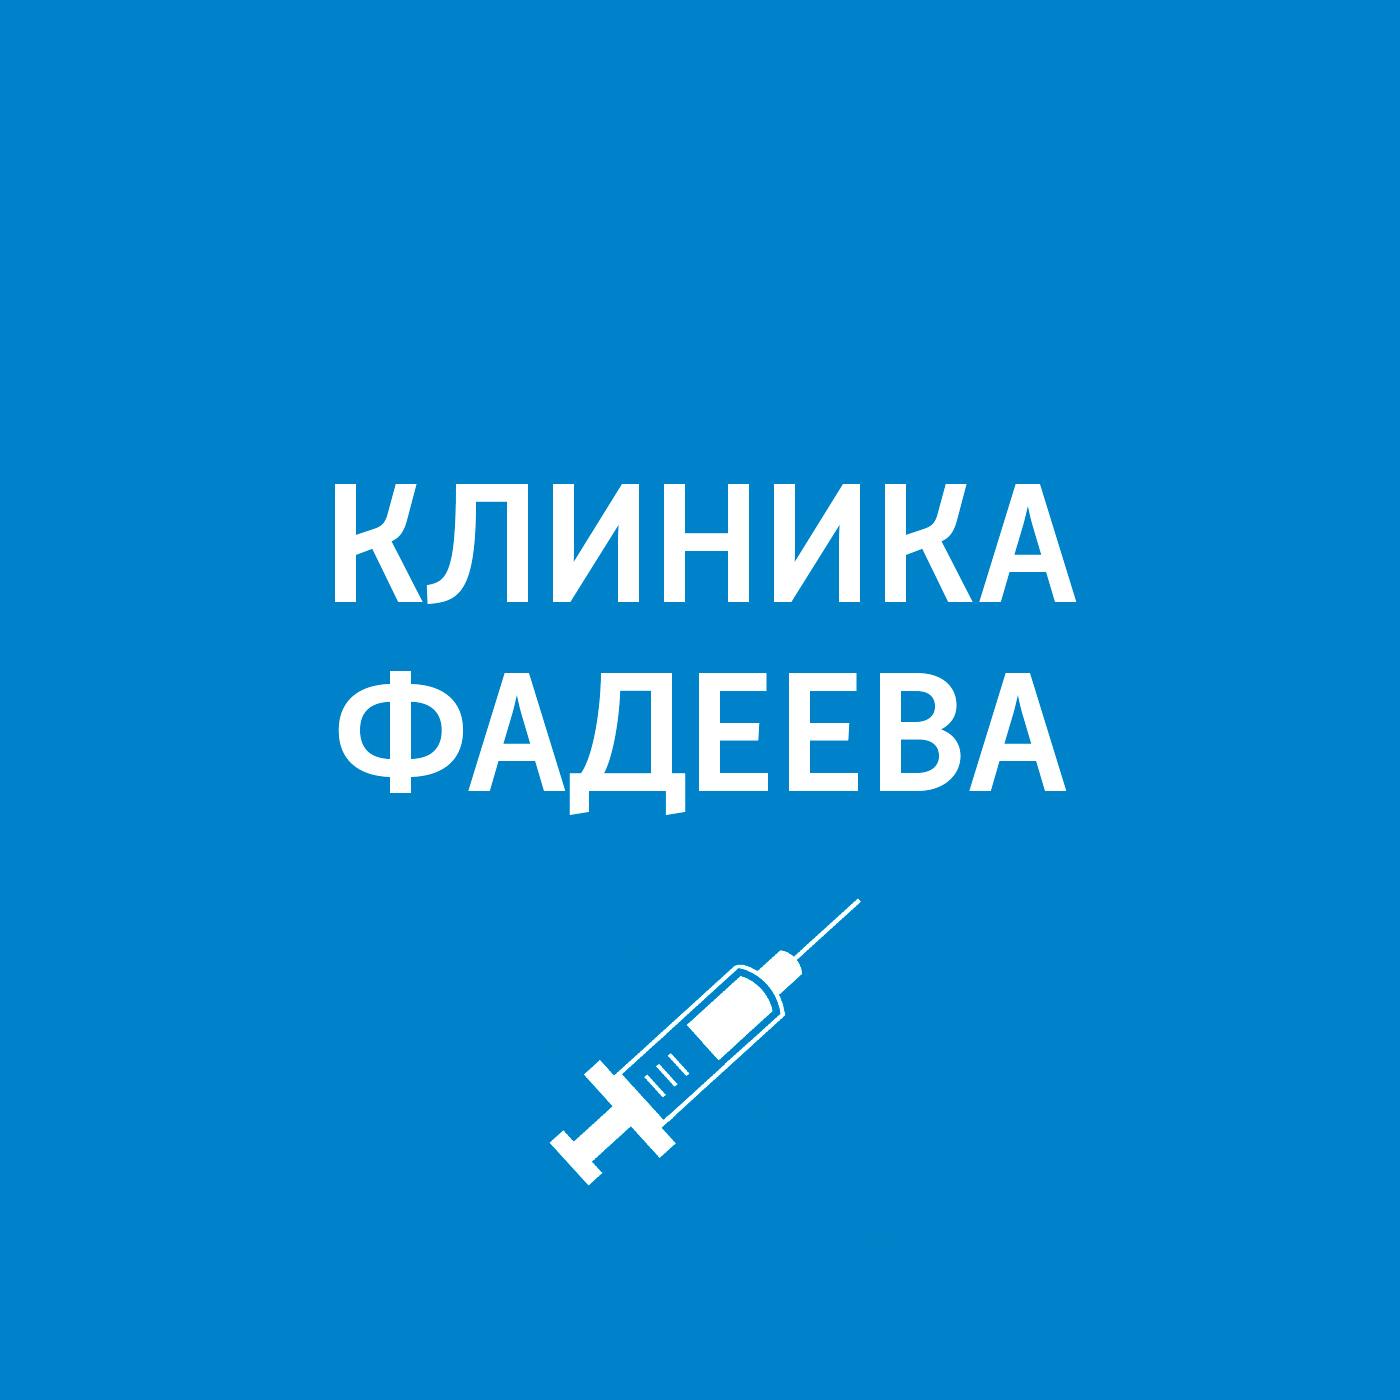 Пётр Фадеев Прием ведет врач-гастроэнтеролог. Весеннее обострение заболеваний ЖКТ можно ли пить парацетамол беременным 8 9 недель